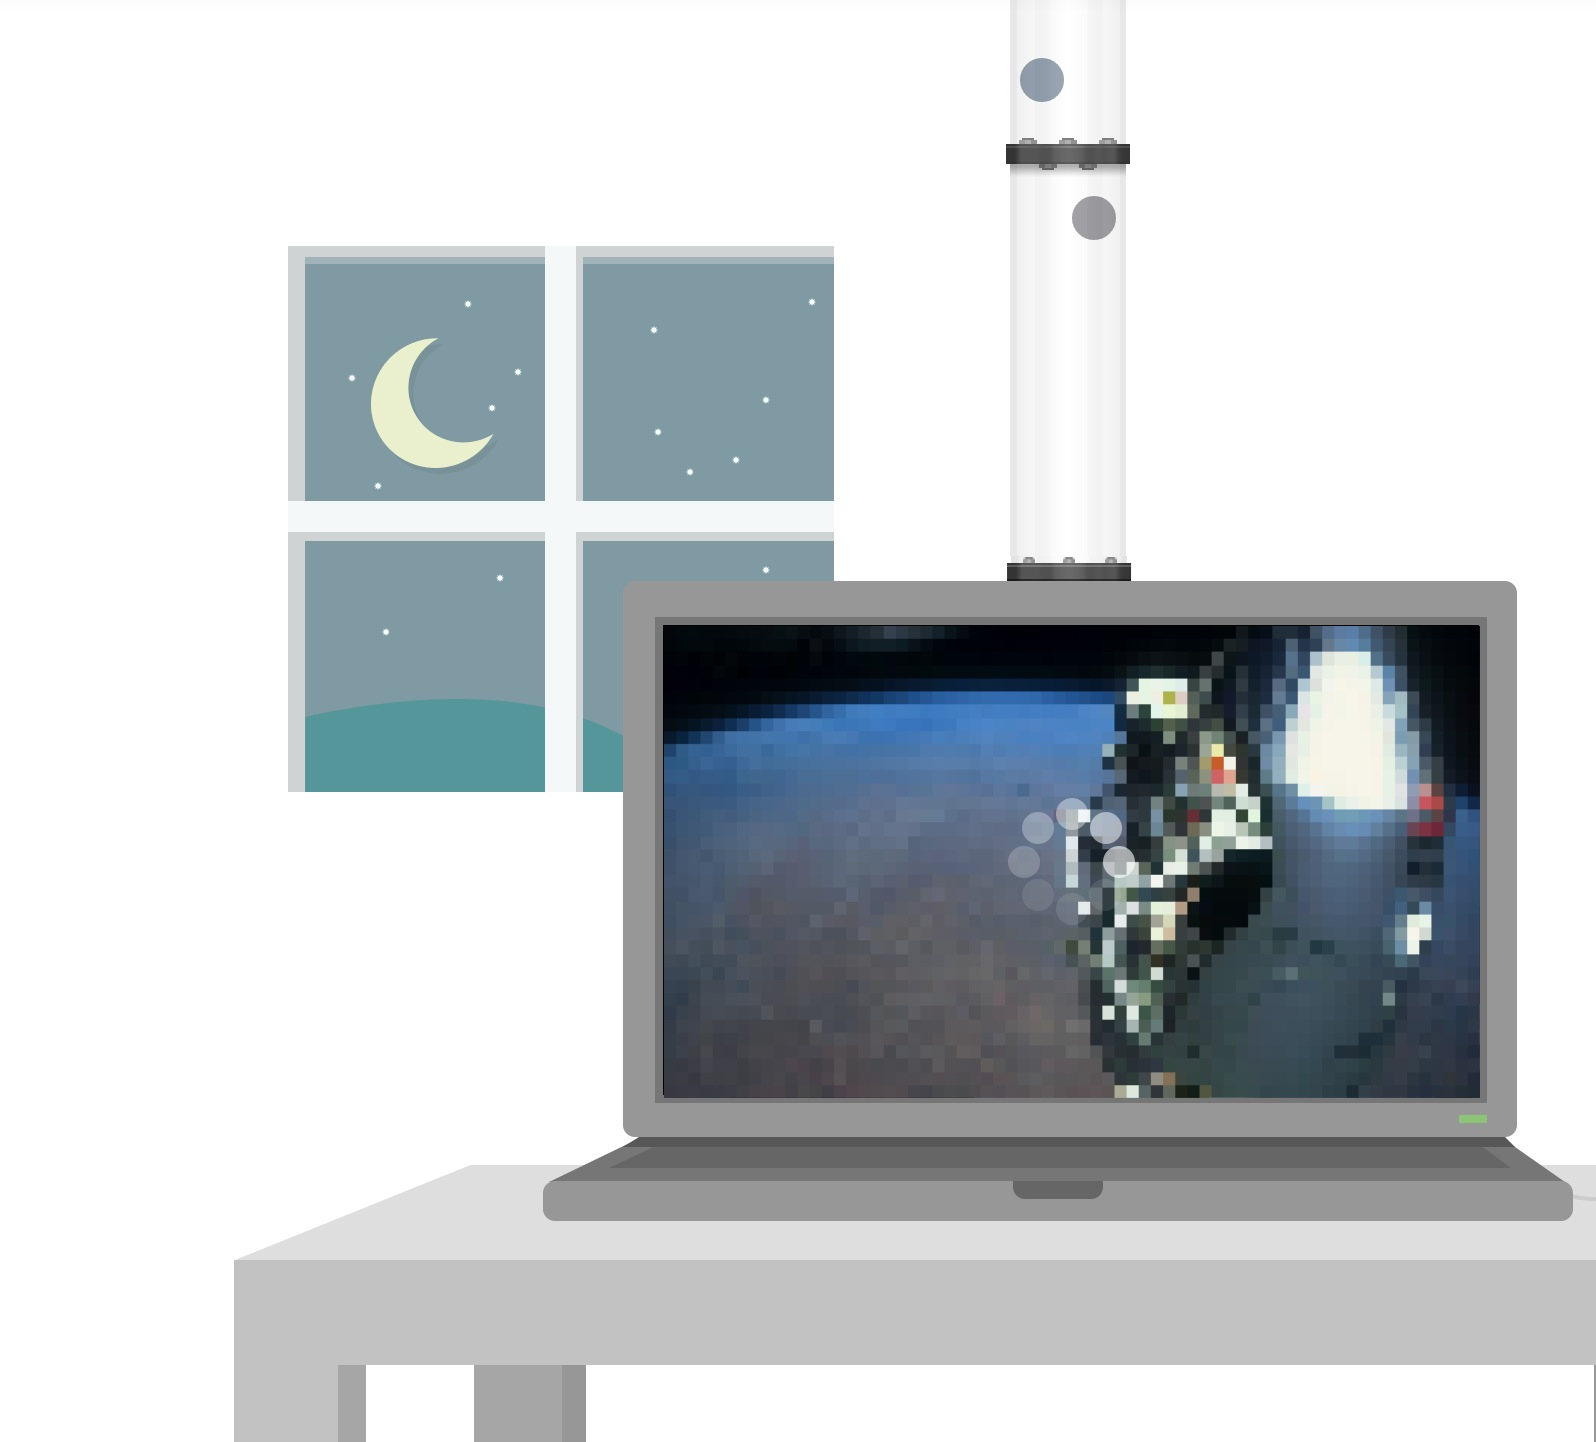 videoqualityreport